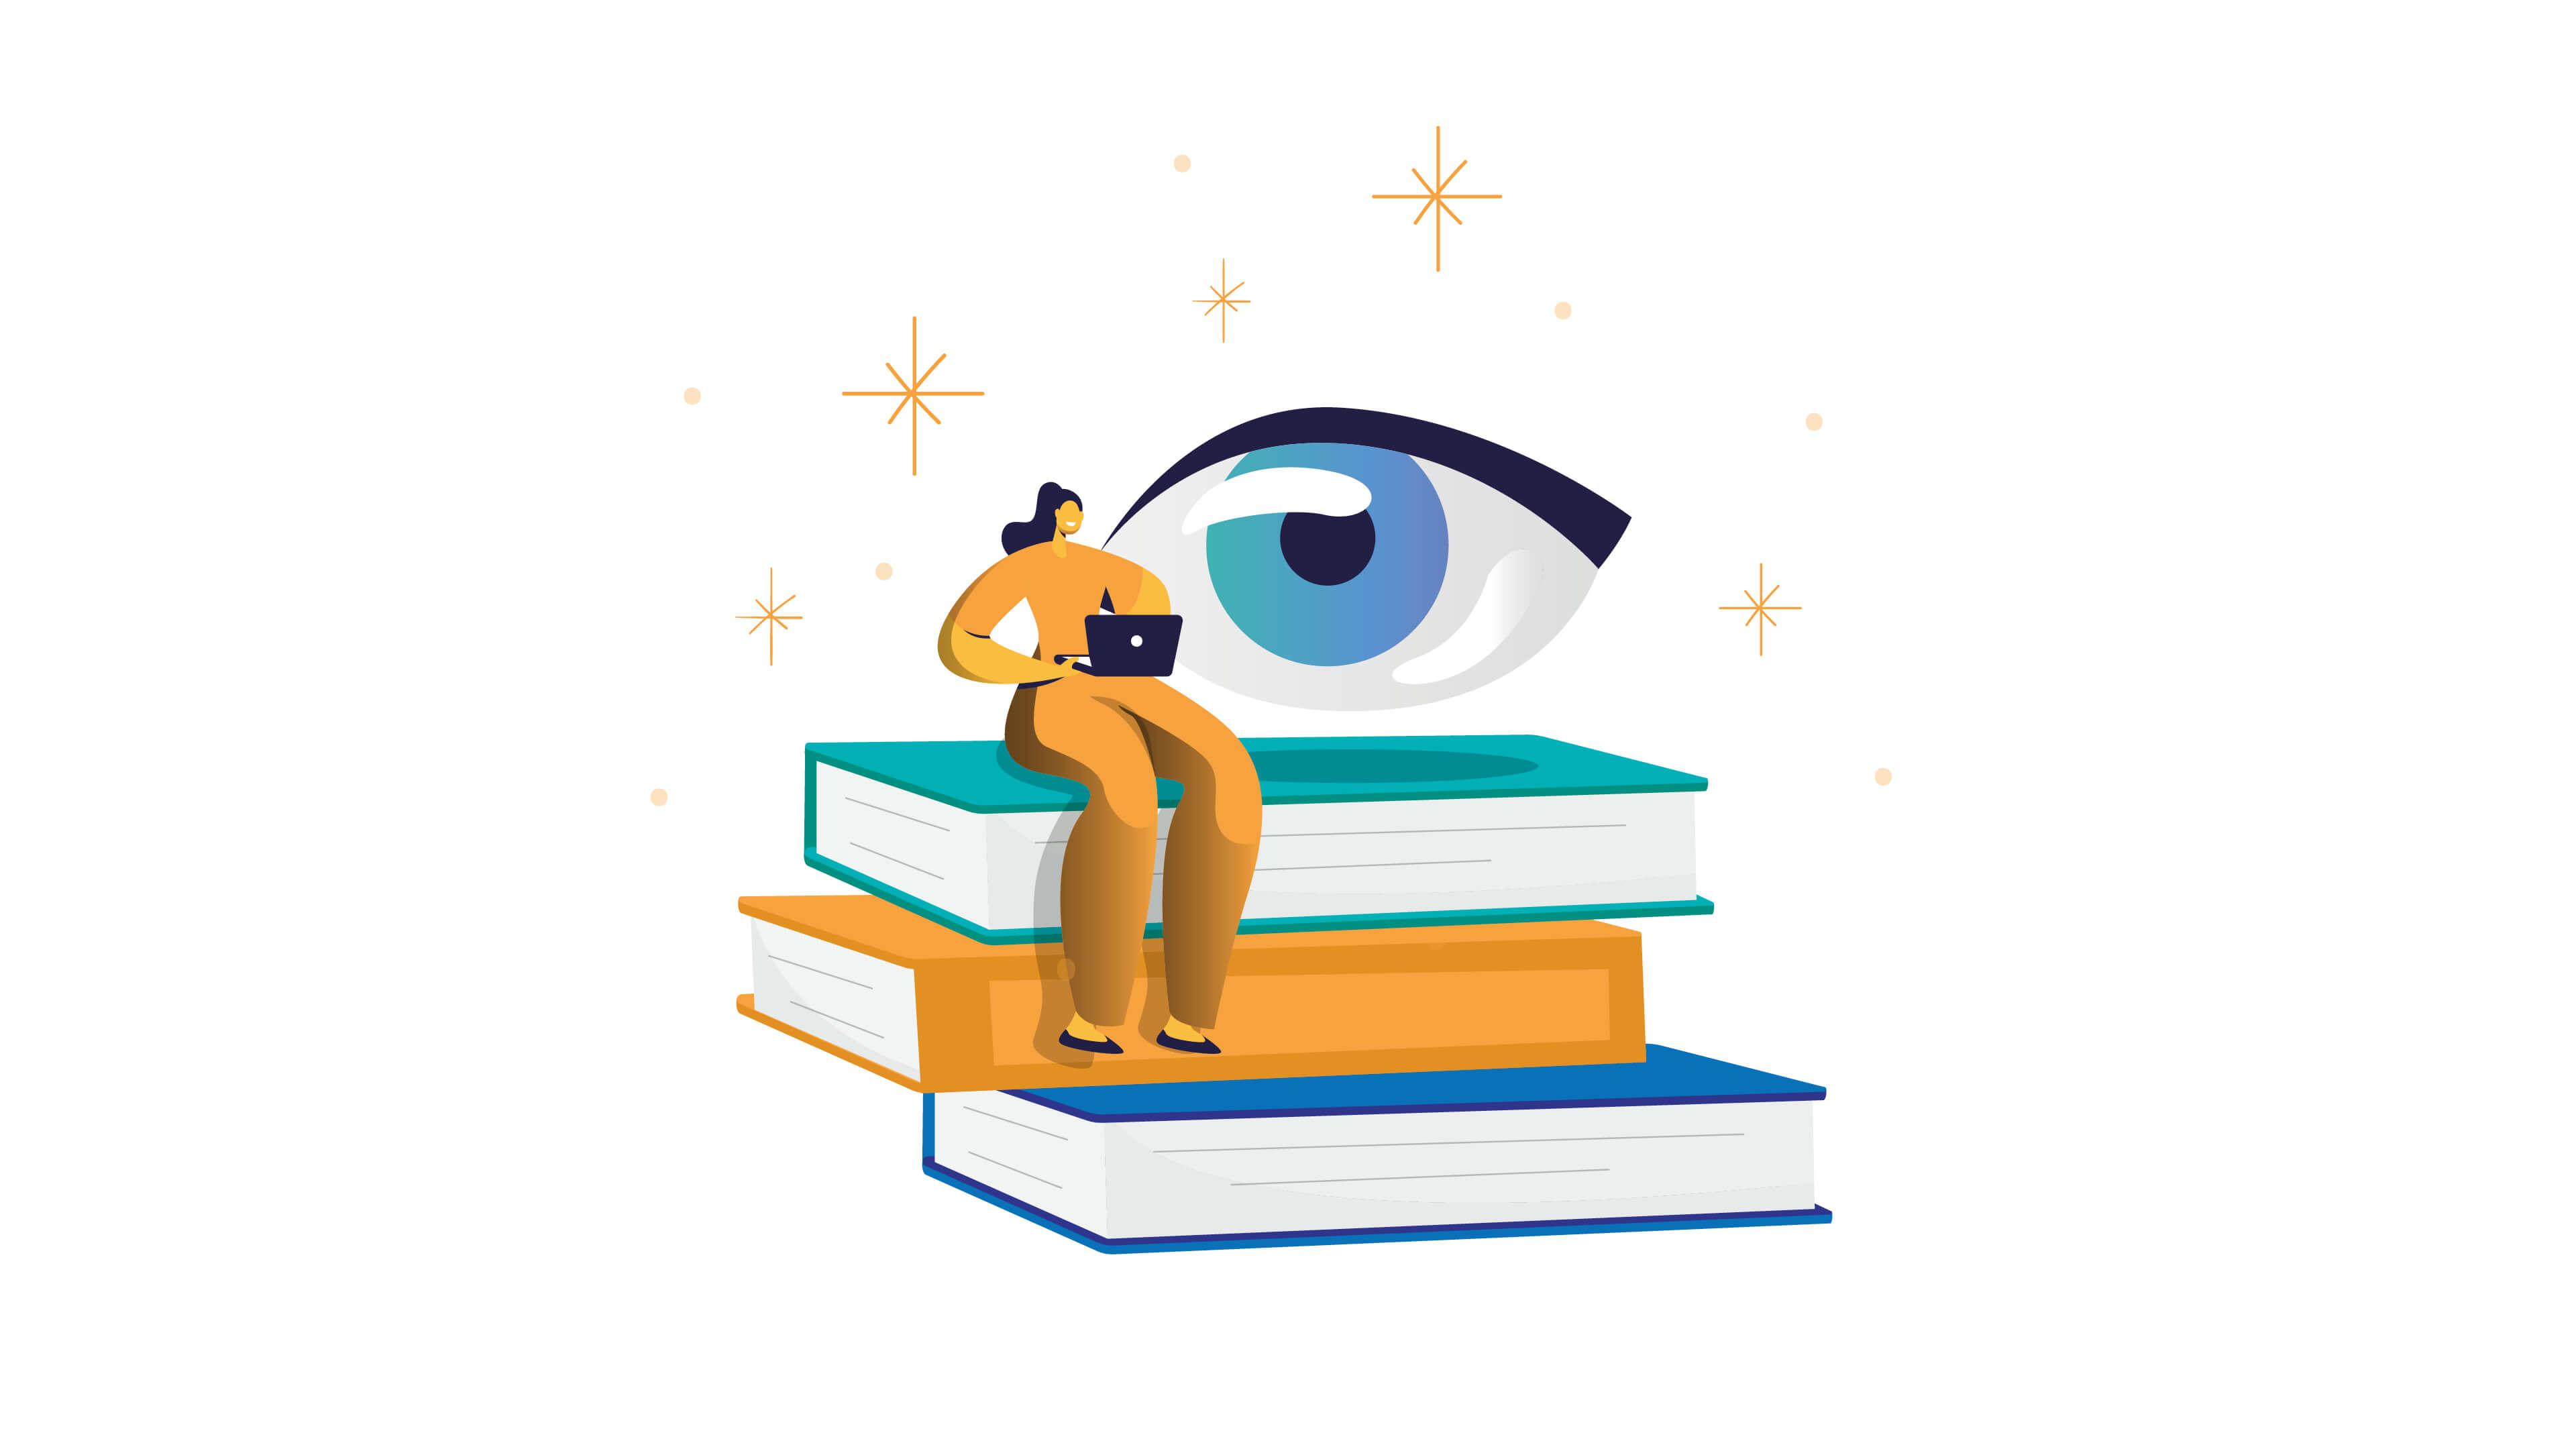 Nouveau : OPHTAZON propose des livres d'occasion